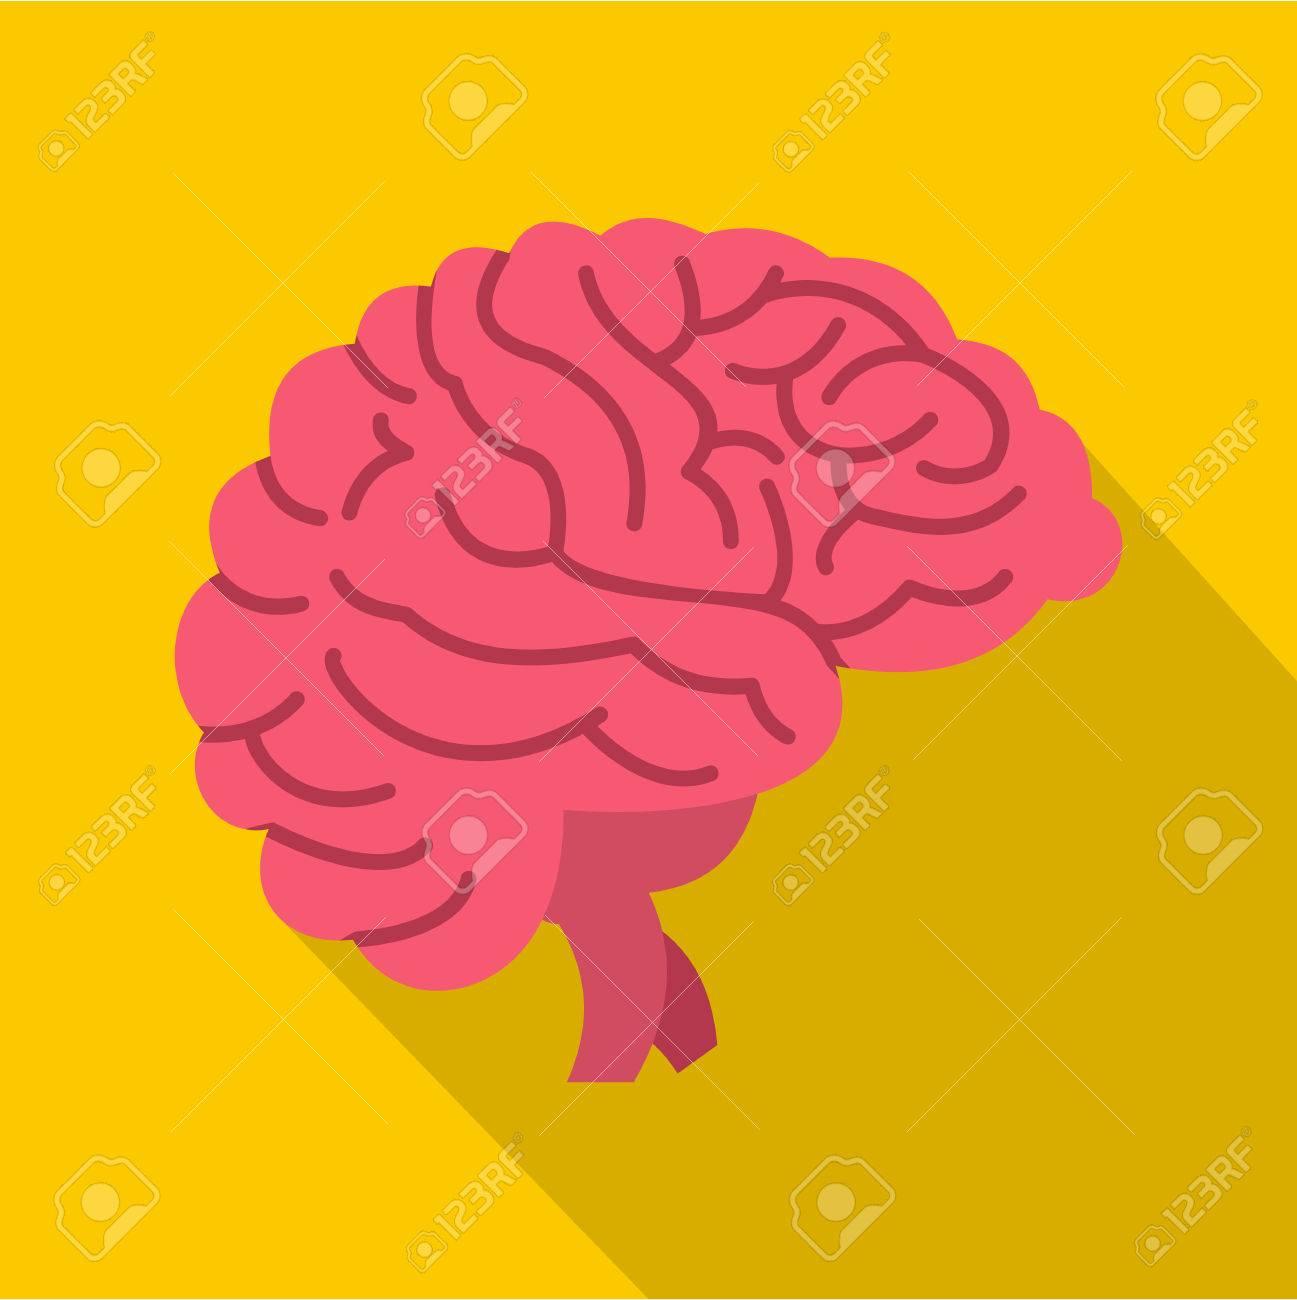 Gehirn-Symbol. Flache Abbildung Des Gehirns Vektor-Symbol Für Web ...